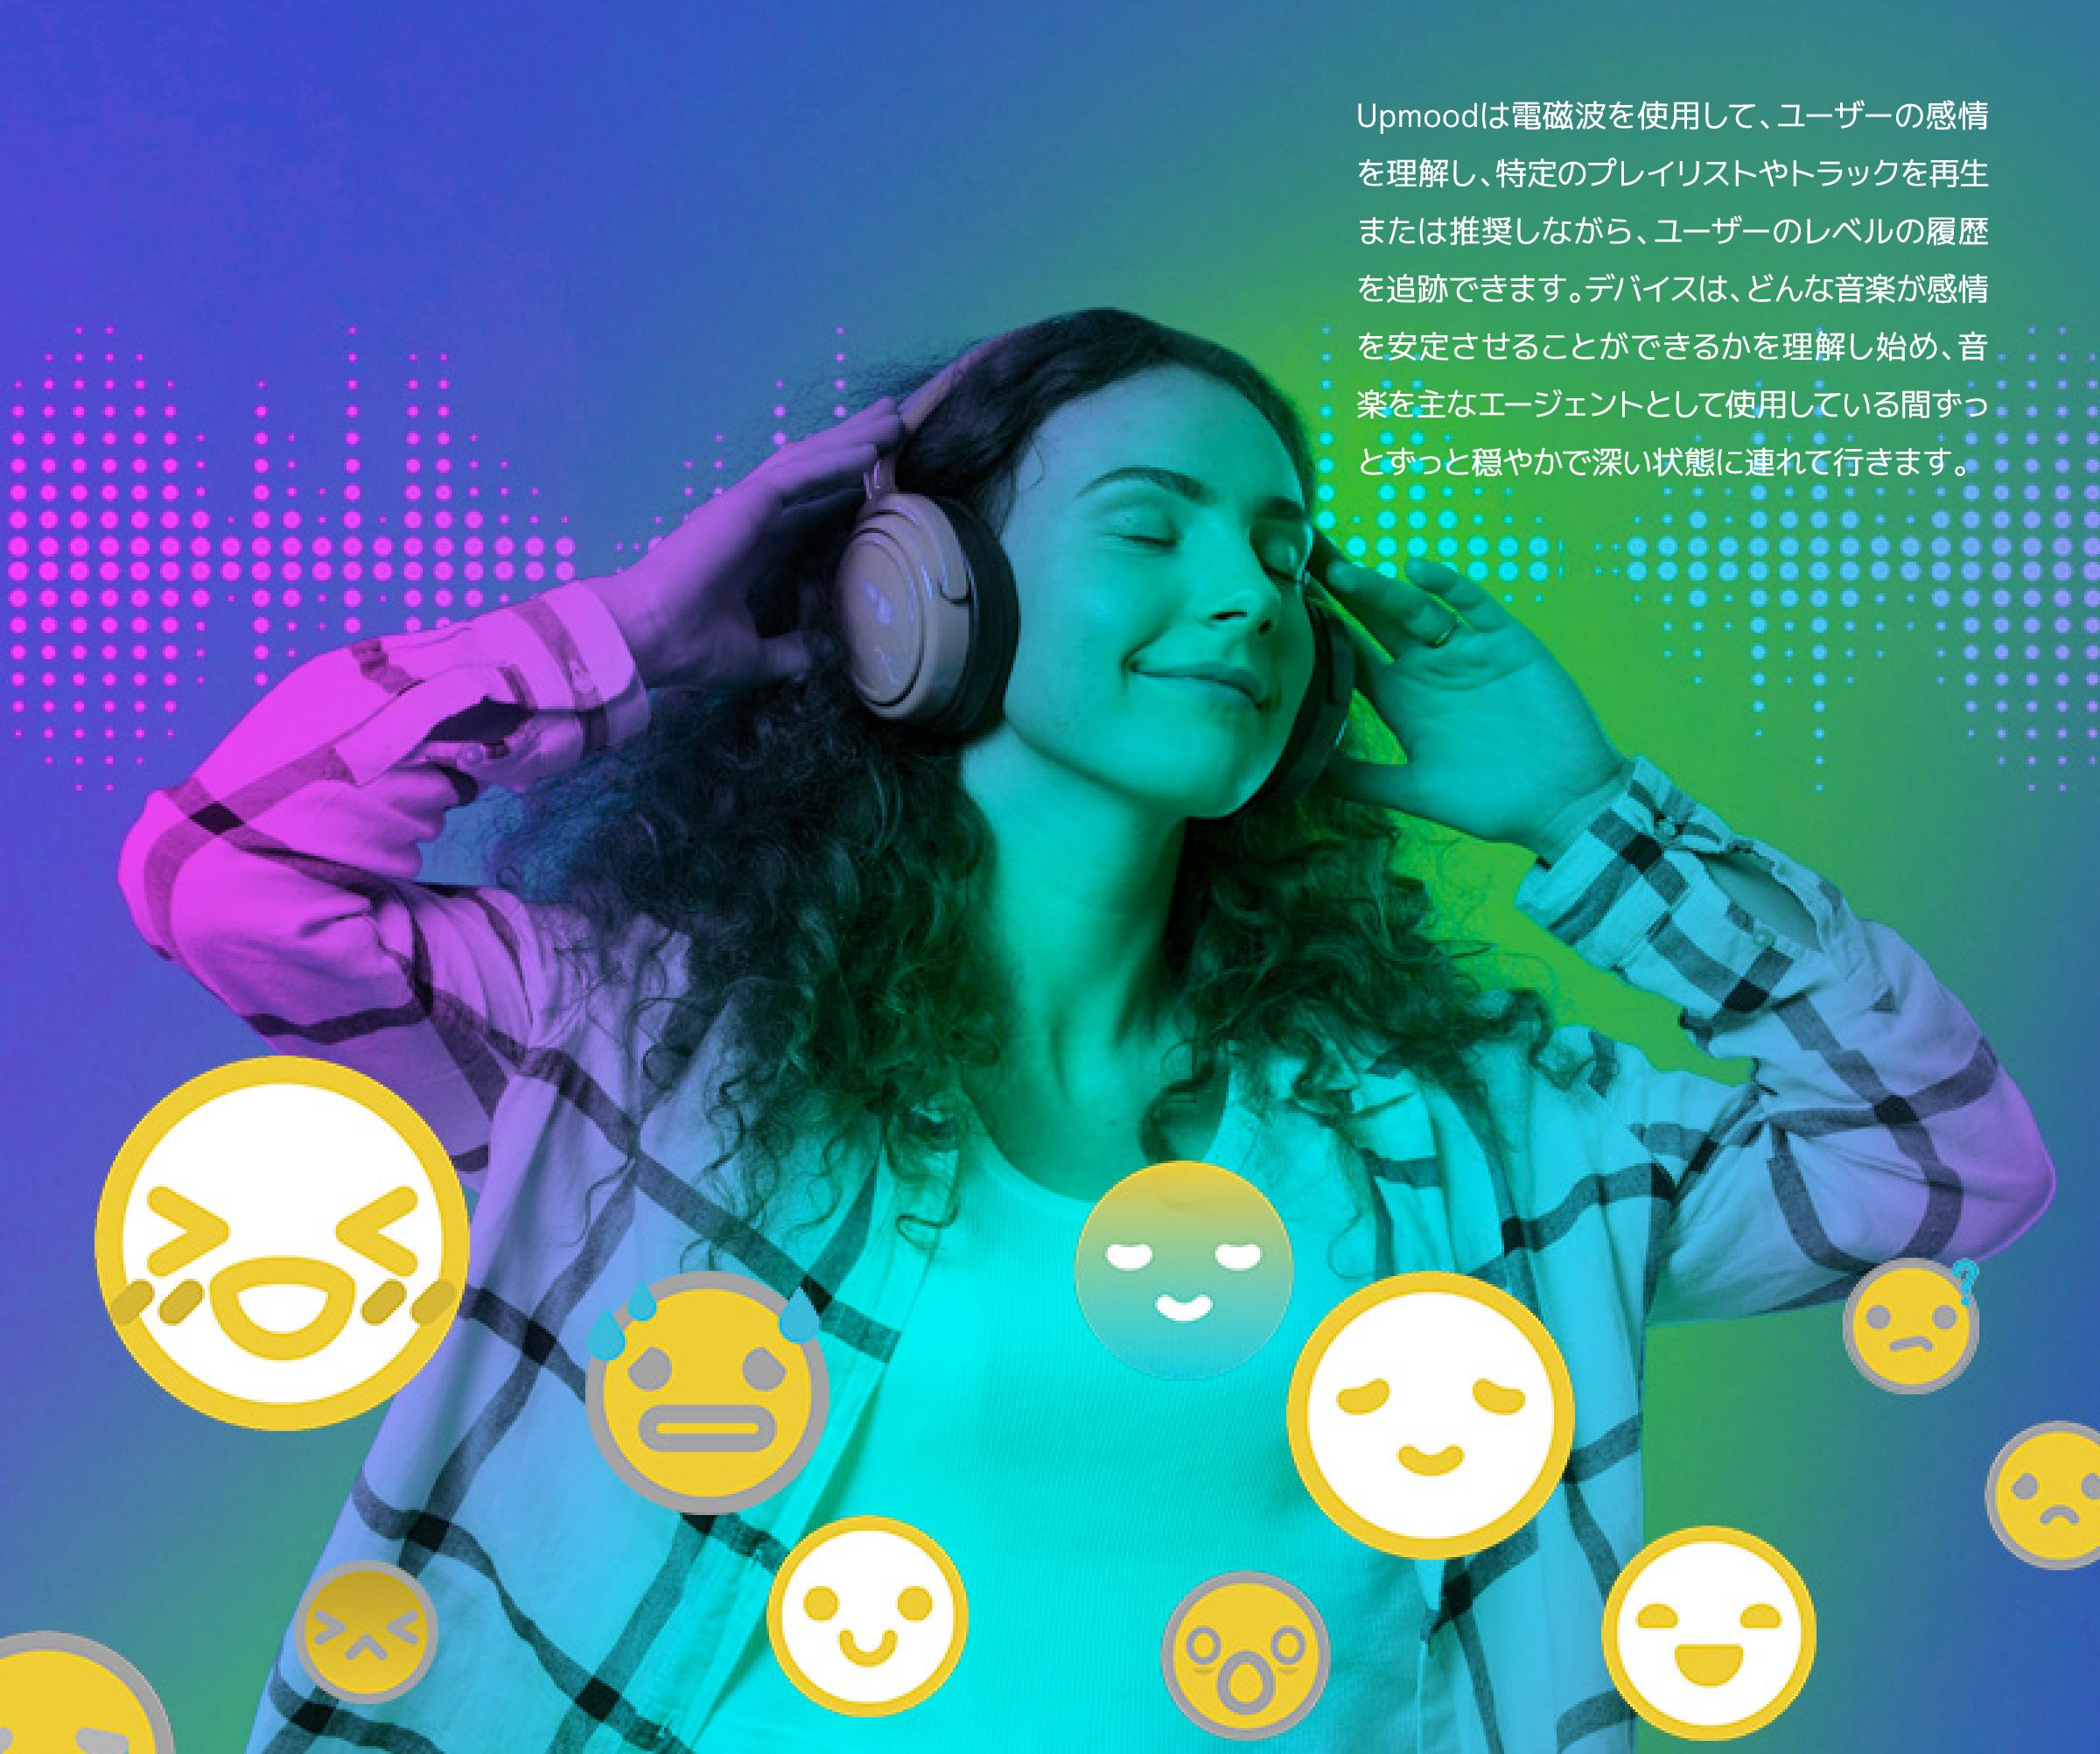 Upmoodは電磁波を使用して、ユーザーの感情を理解し、特定のプレイリストやトラックを再生または推奨しながら、ユーザーのレベルの履歴を追跡できます。デバイスは、どんな音楽が感情を安定させることができるかを理解し始め、音楽を主なエージェントとして使用している間ずっとずっと穏やかで深い状態に連れて行きます。